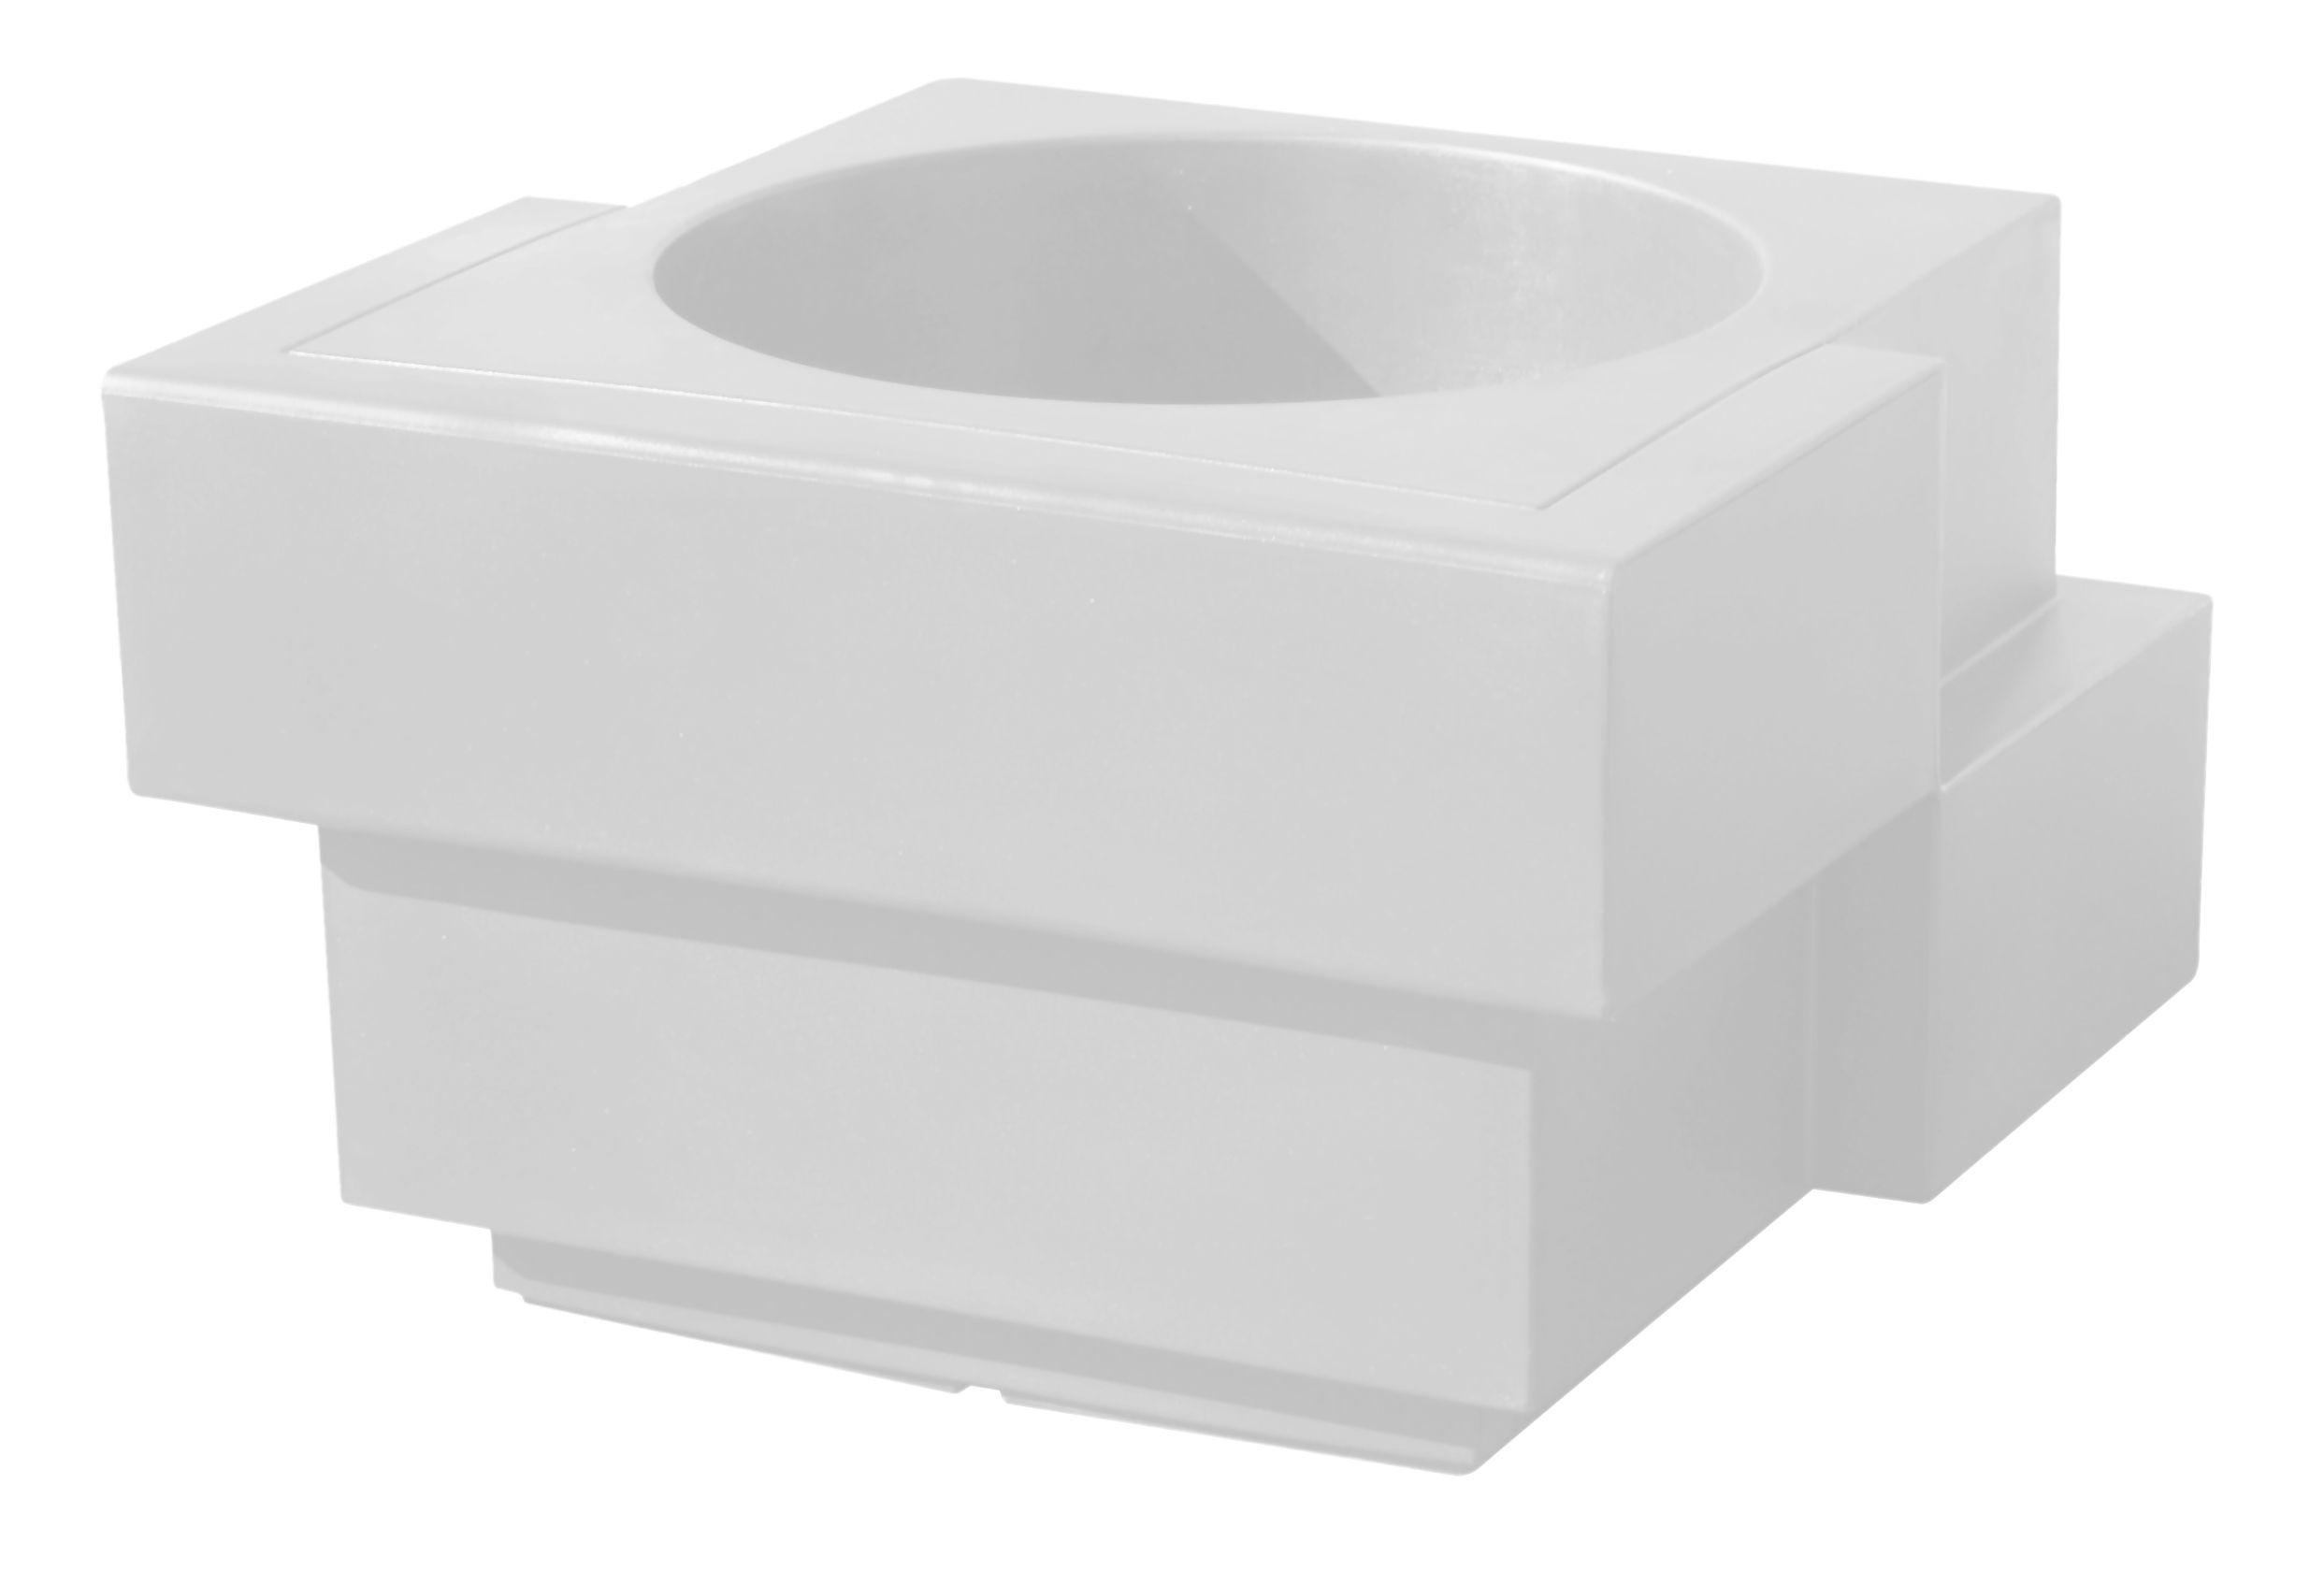 Mobilier - Mobilier lumineux - Pot de fleurs lumineux Cubic Yo Lumineux - Slide - Blanc - Polyéthylène